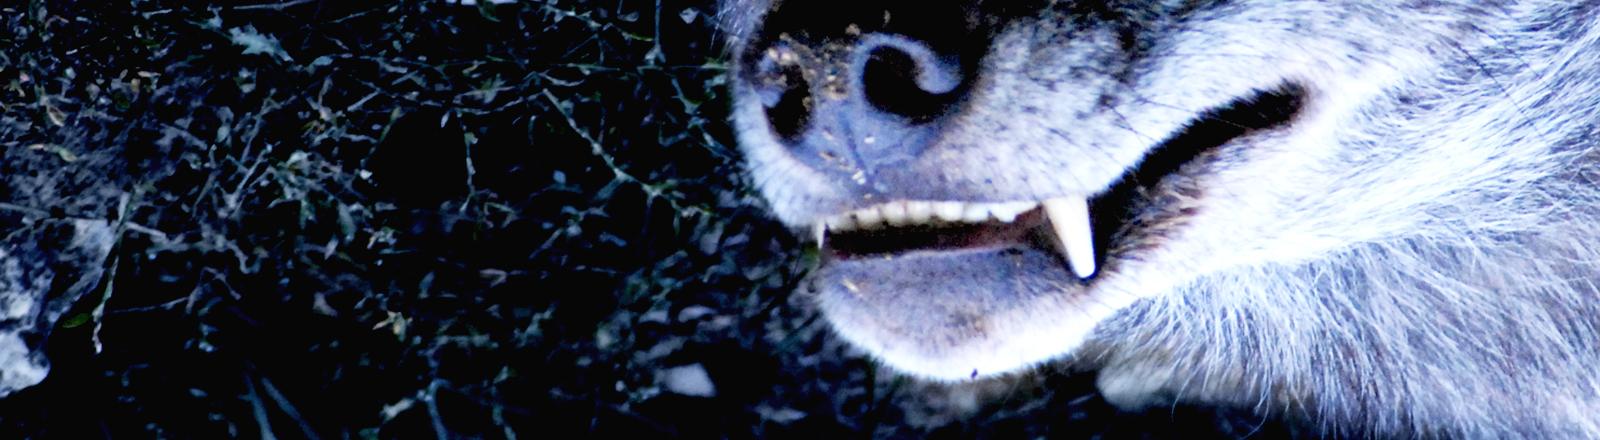 Zähne eines Wolfes